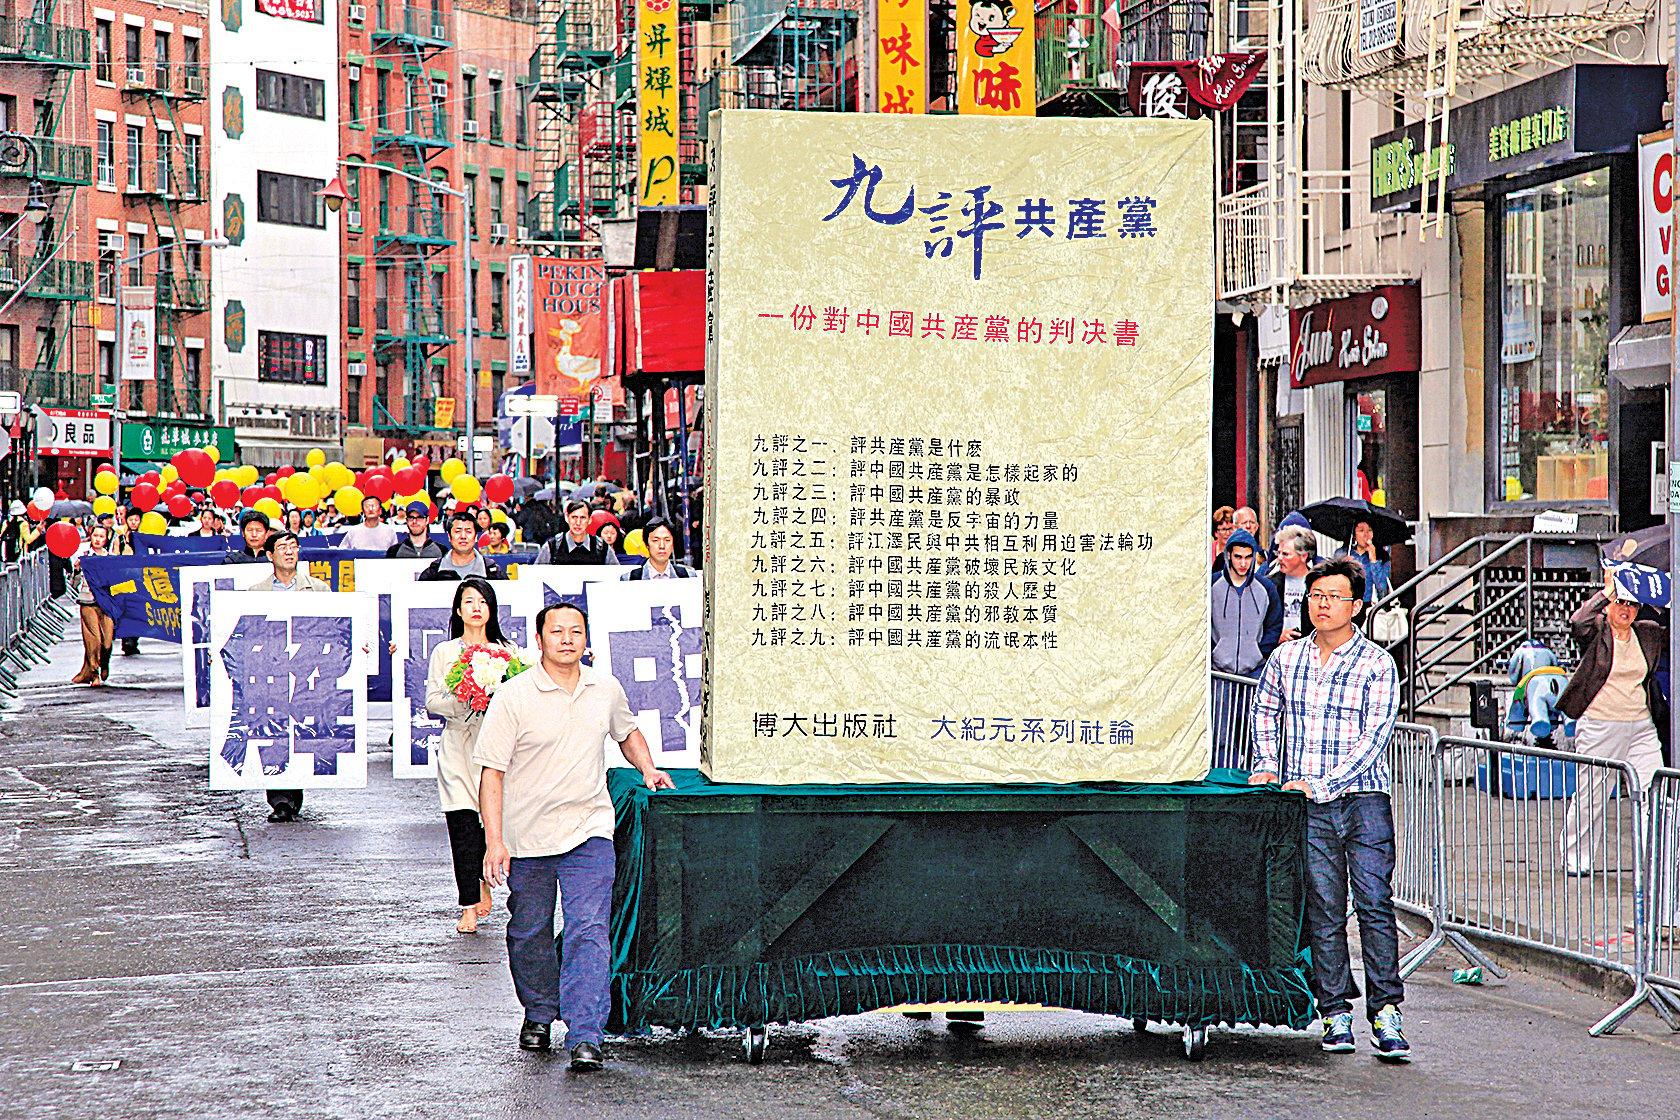 海外大遊行,聲援中國民眾退出中共黨團隊組織。(大紀元)